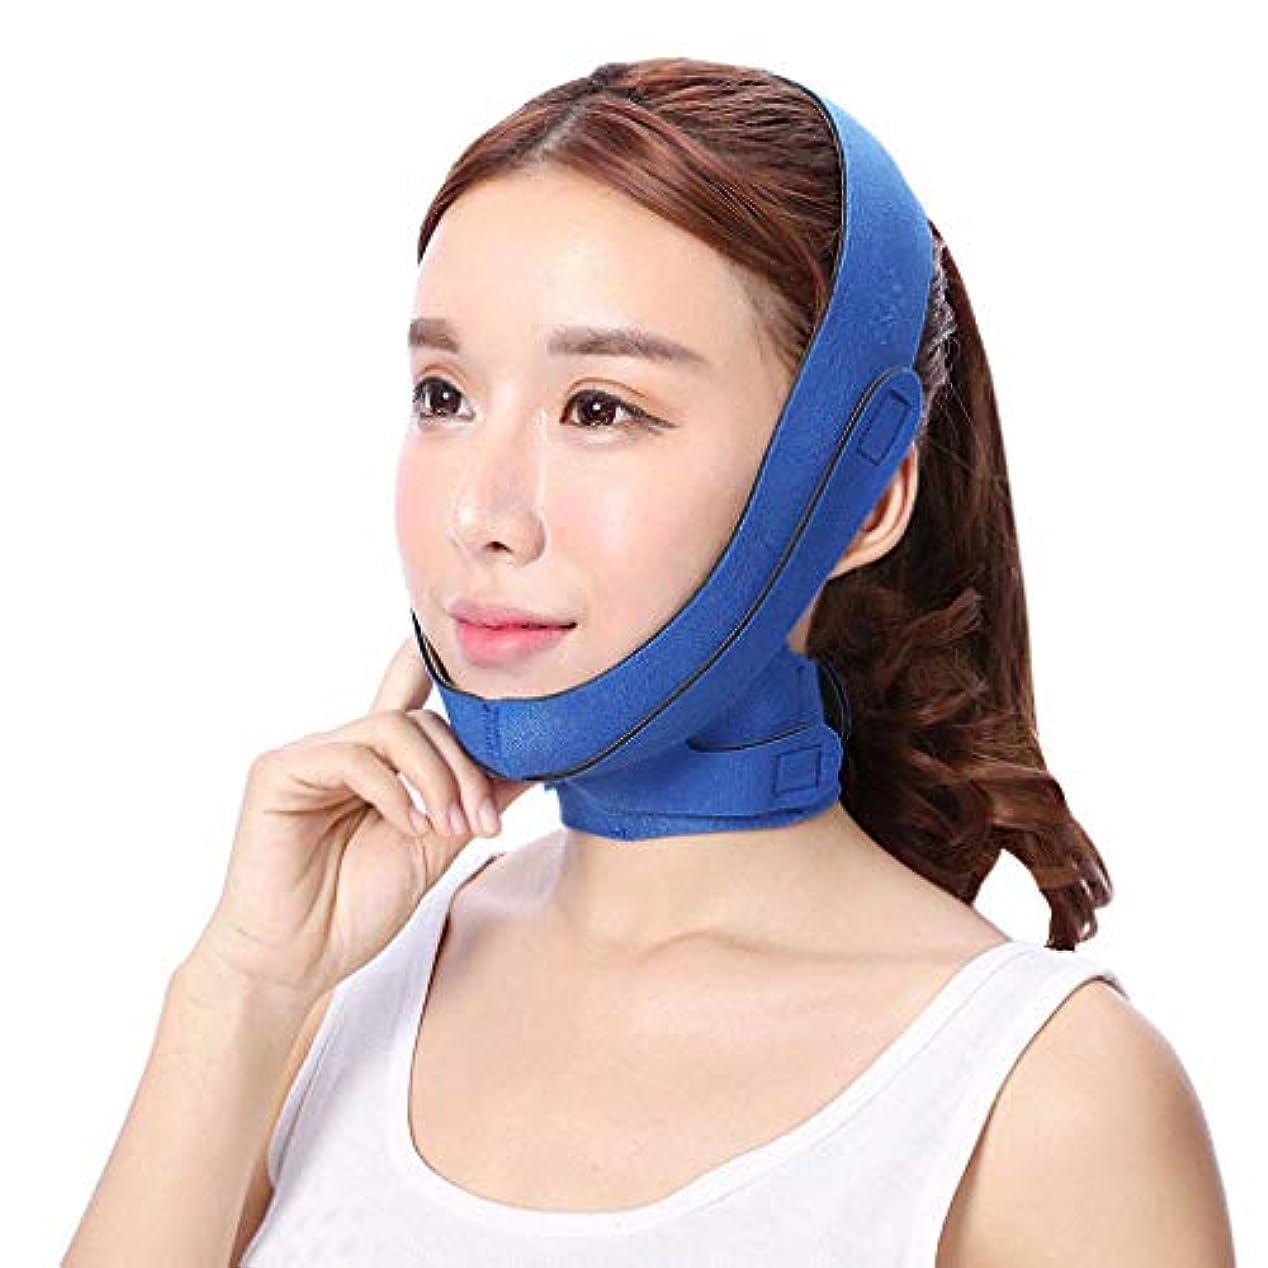 前述の遠近法衣服HUYYA 女性の顔を持ち上げるベルト、Vライン頬 しわ防止包帯 二重あごの減量顔,Blue_XL